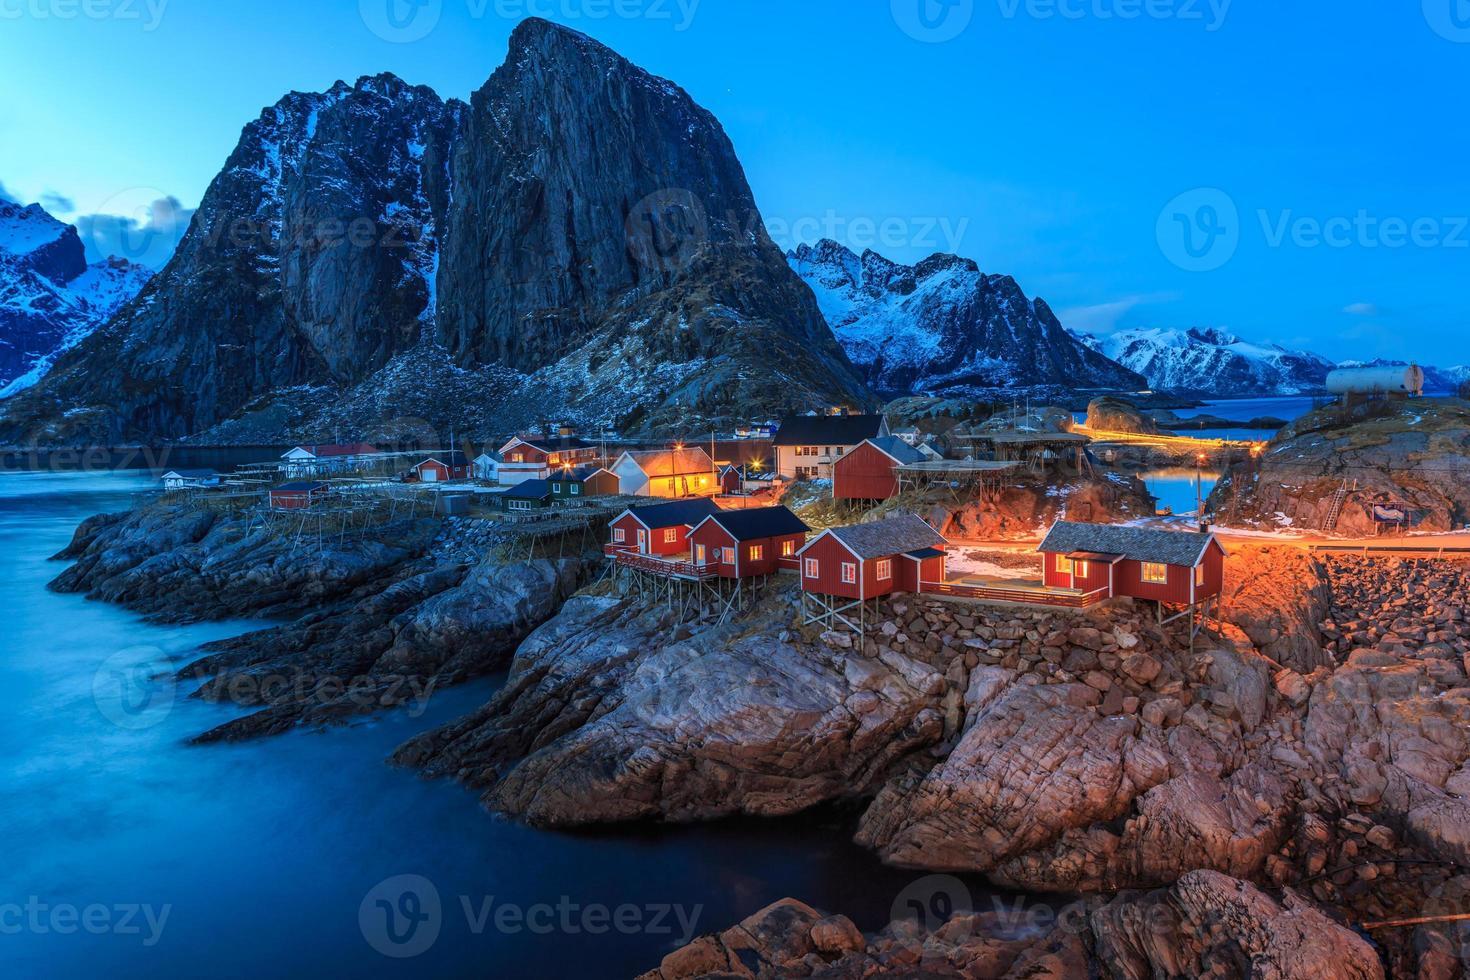 reine, lofoten, noorwegen foto